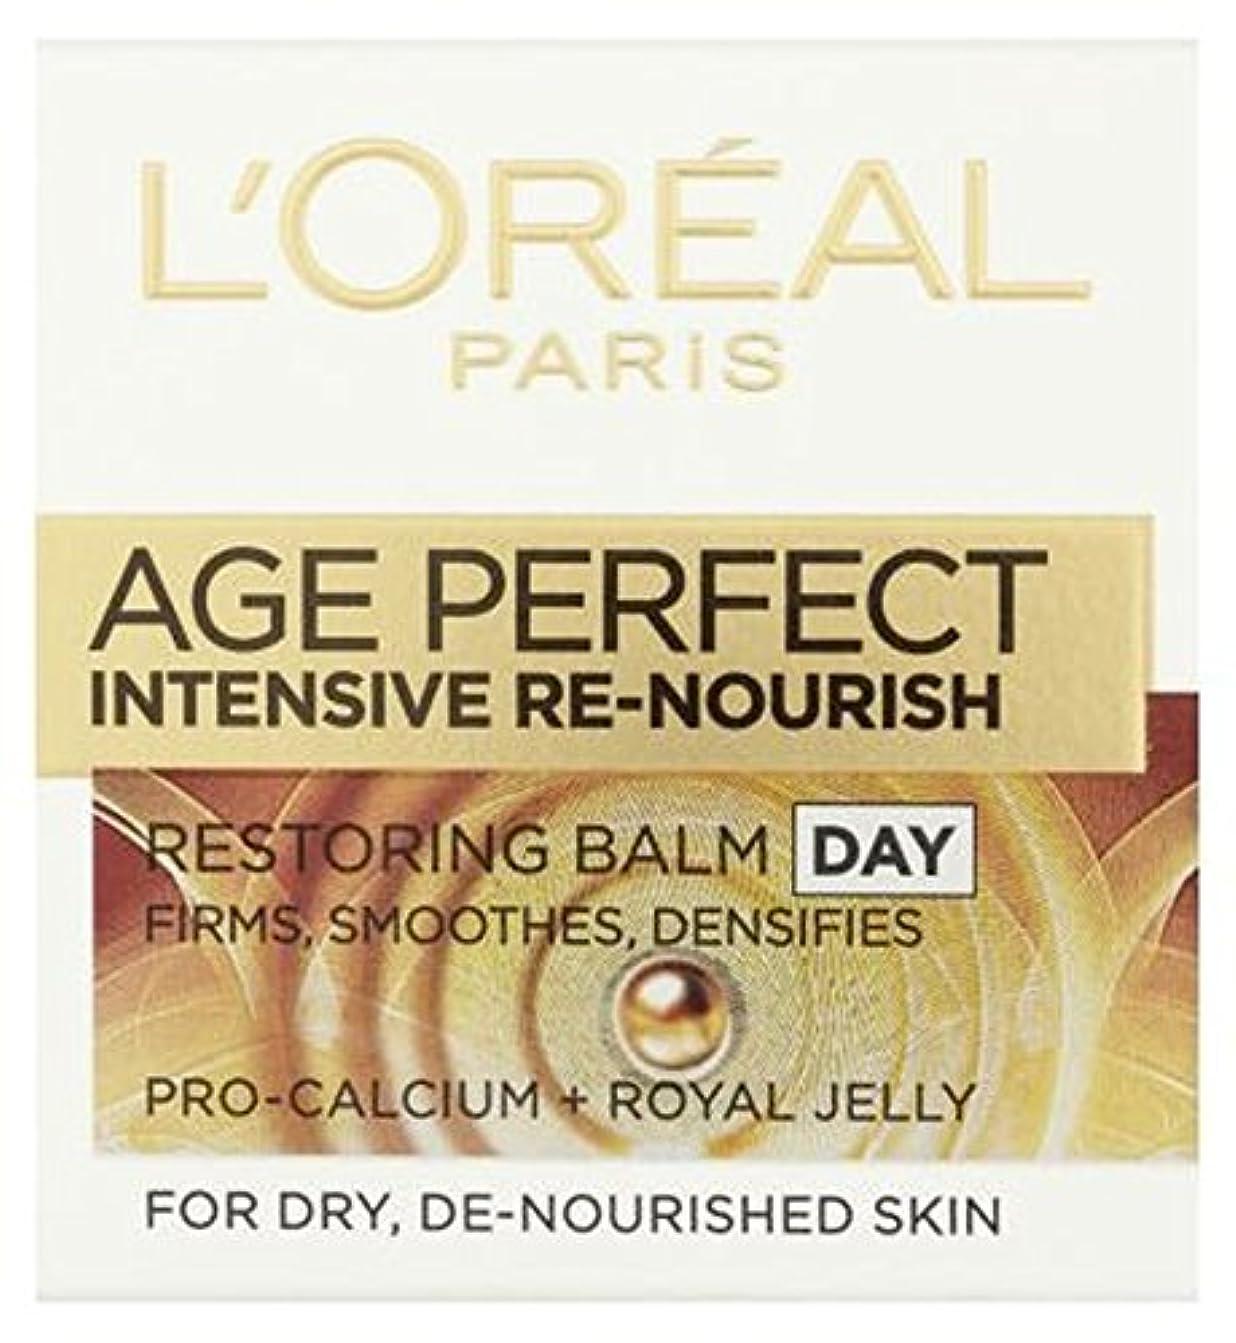 お気に入りオンパシフィックL'Oreall Paris Age Perfect Intensive Re-Nourish Restoring Balm Day For Dry and De-Nourished Skin 50ml - ドライデ栄養を与え肌の50ミリリットルのためのL'Oreallパリ時代の完璧な集中的な再ナリッシュ復元バーム日 (L'Oreal) [並行輸入品]